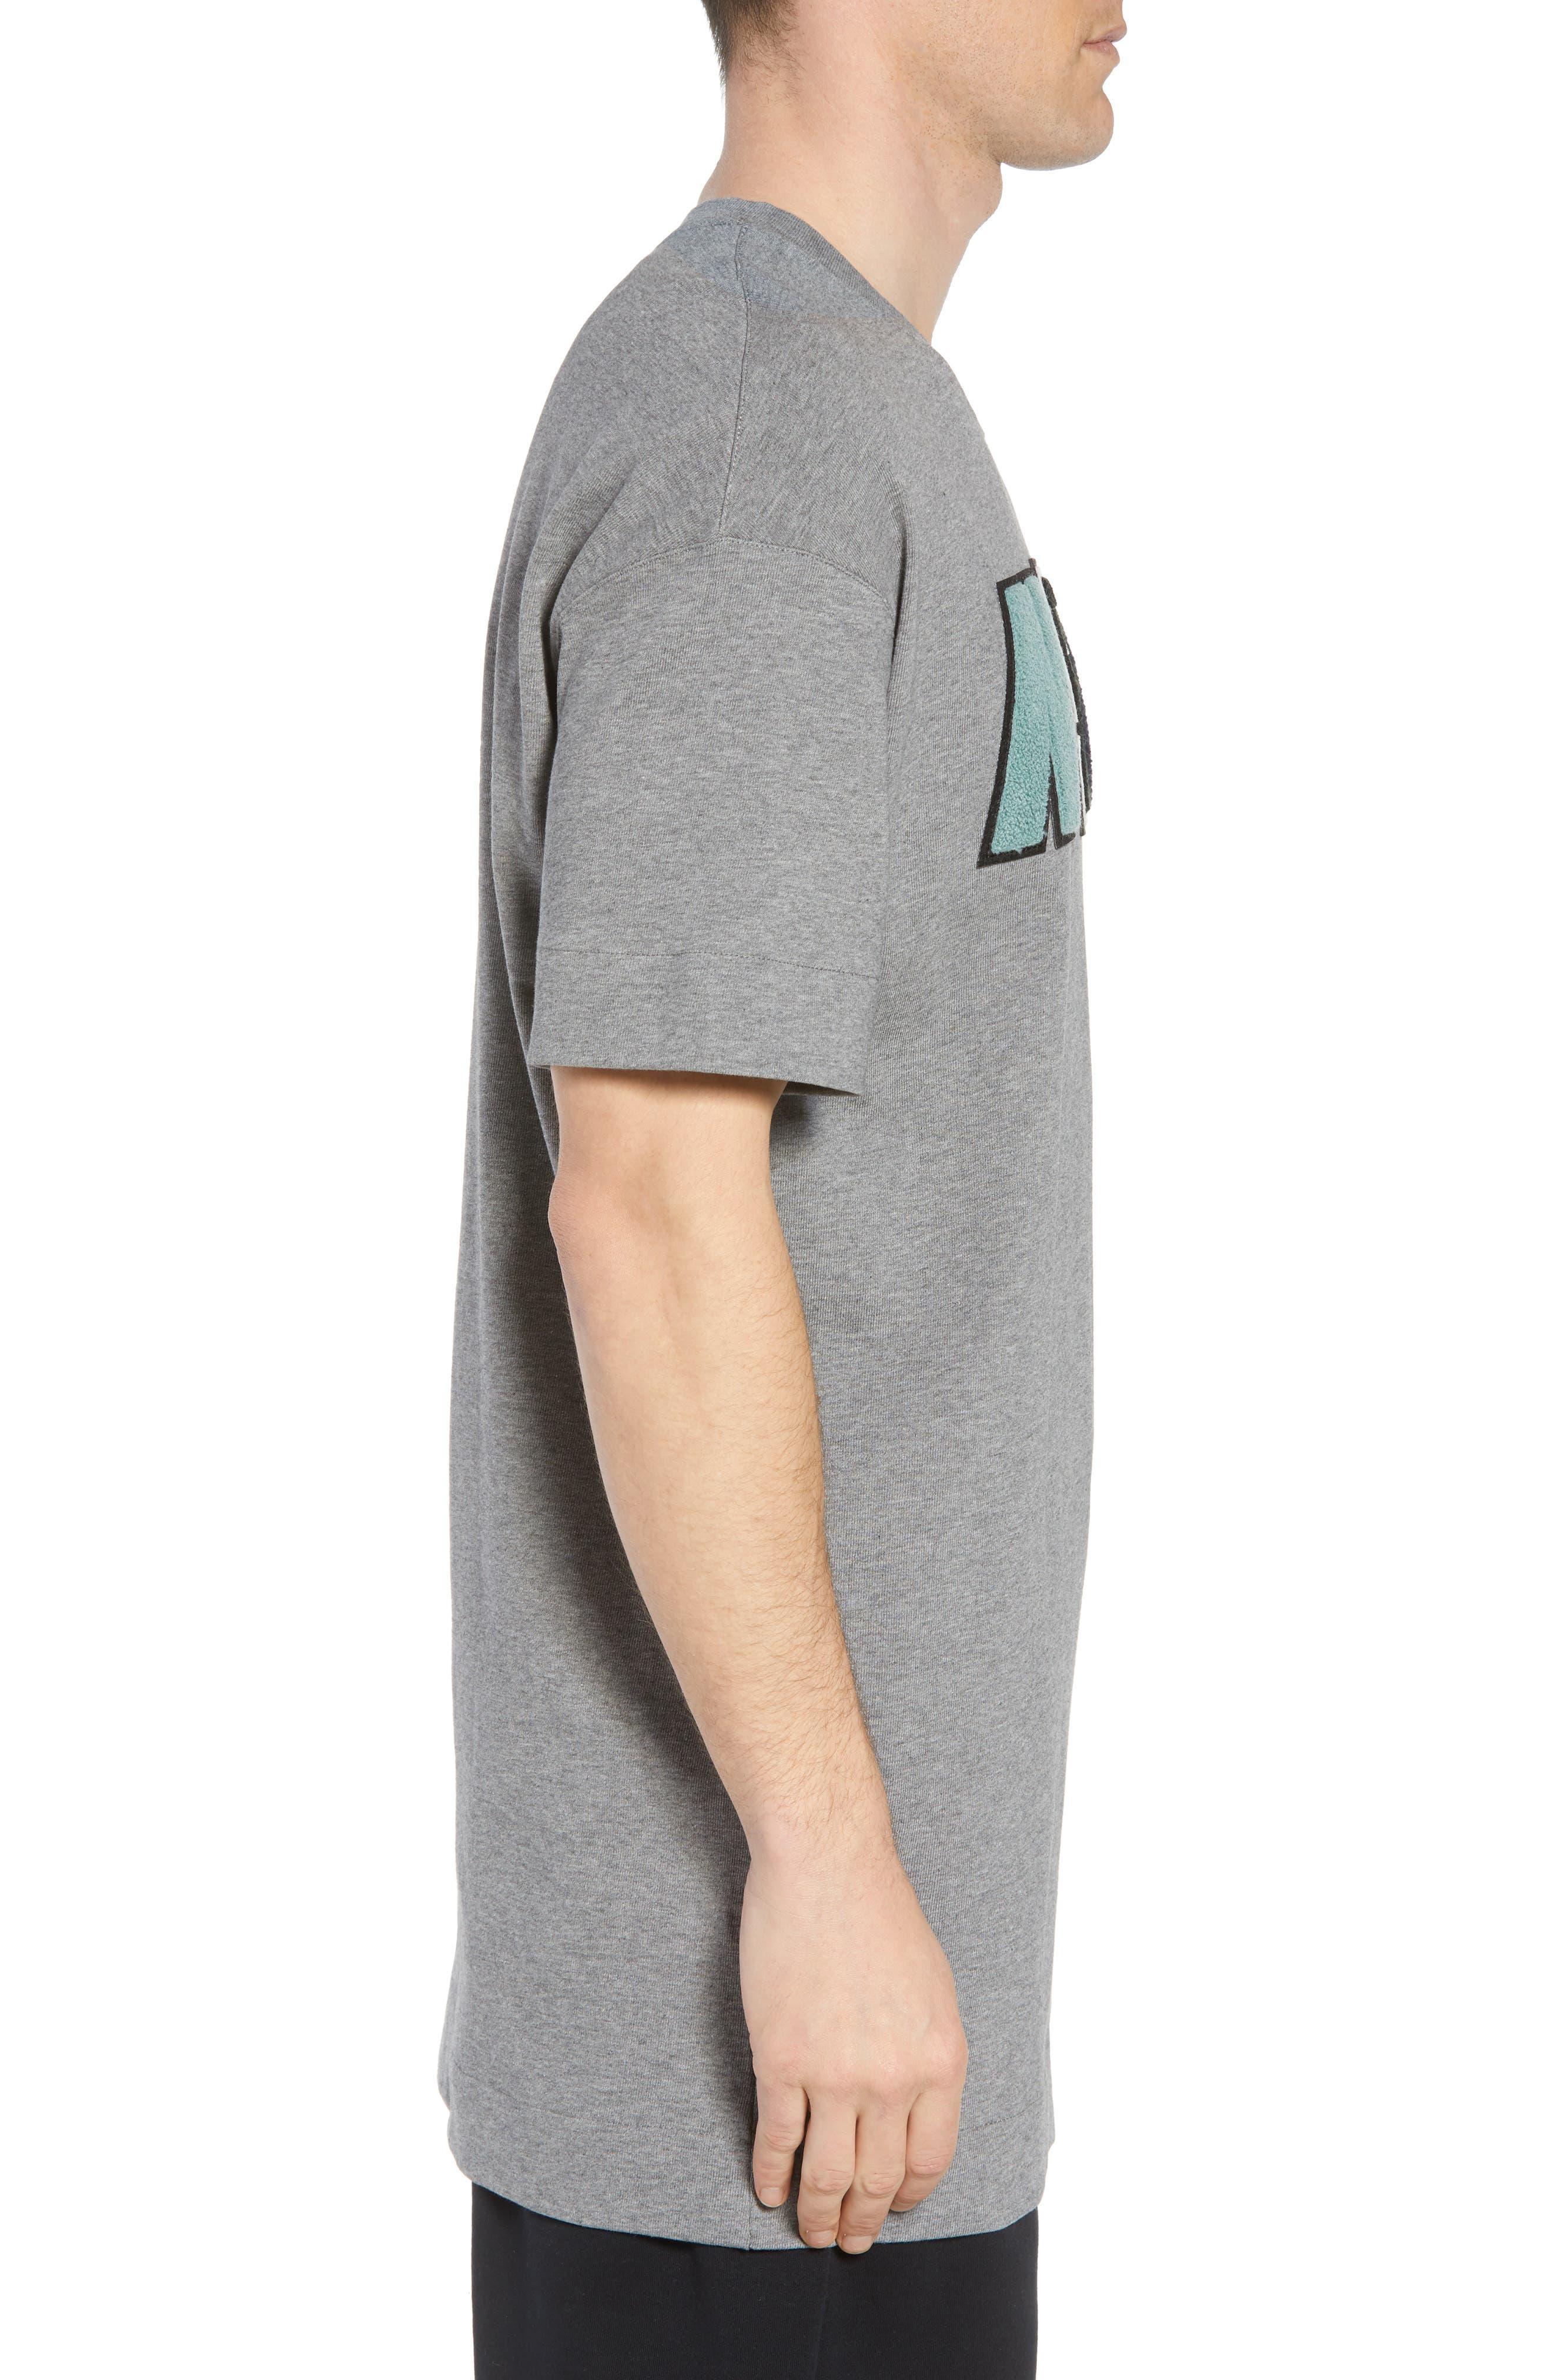 Sportswear NSW Appliqué T-Shirt,                             Alternate thumbnail 3, color,                             CARBON HEATHER